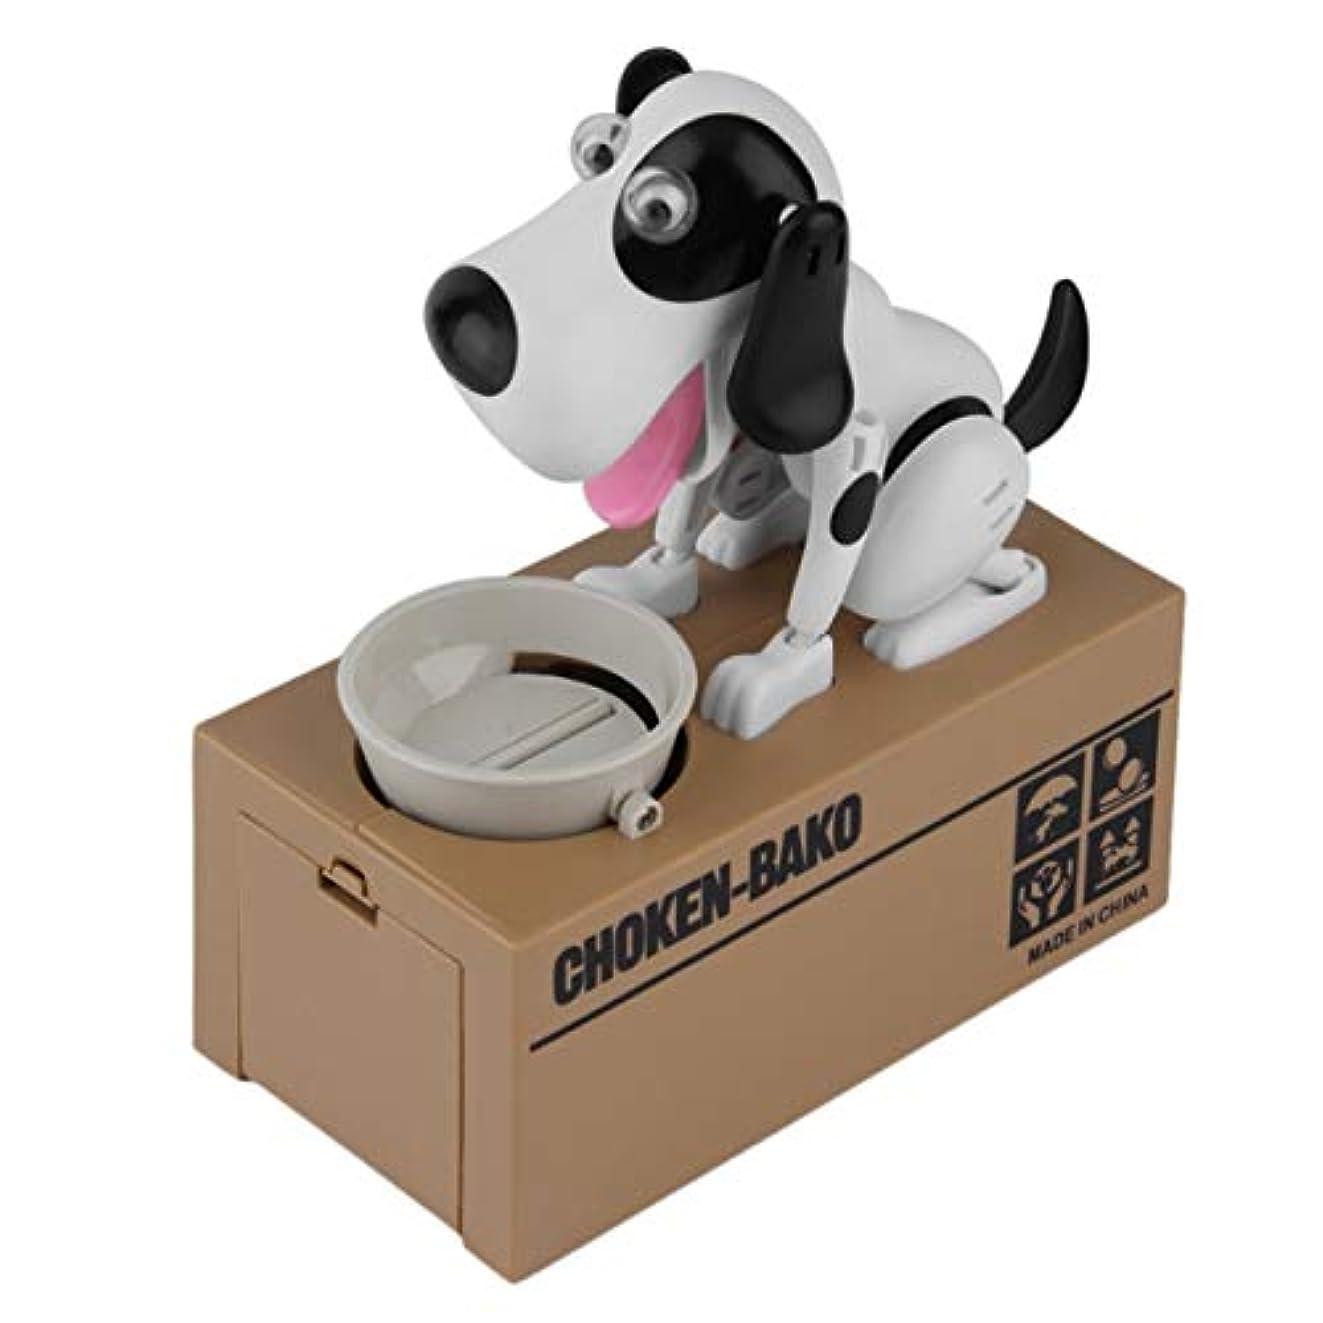 失食欲公然とSaikogoods 耐久性に優れたロボット犬貯金箱自動コインマネーバンクかわいい犬モデルマネーバンクマネーセービングボックスコインボックスを盗みました 黒+白